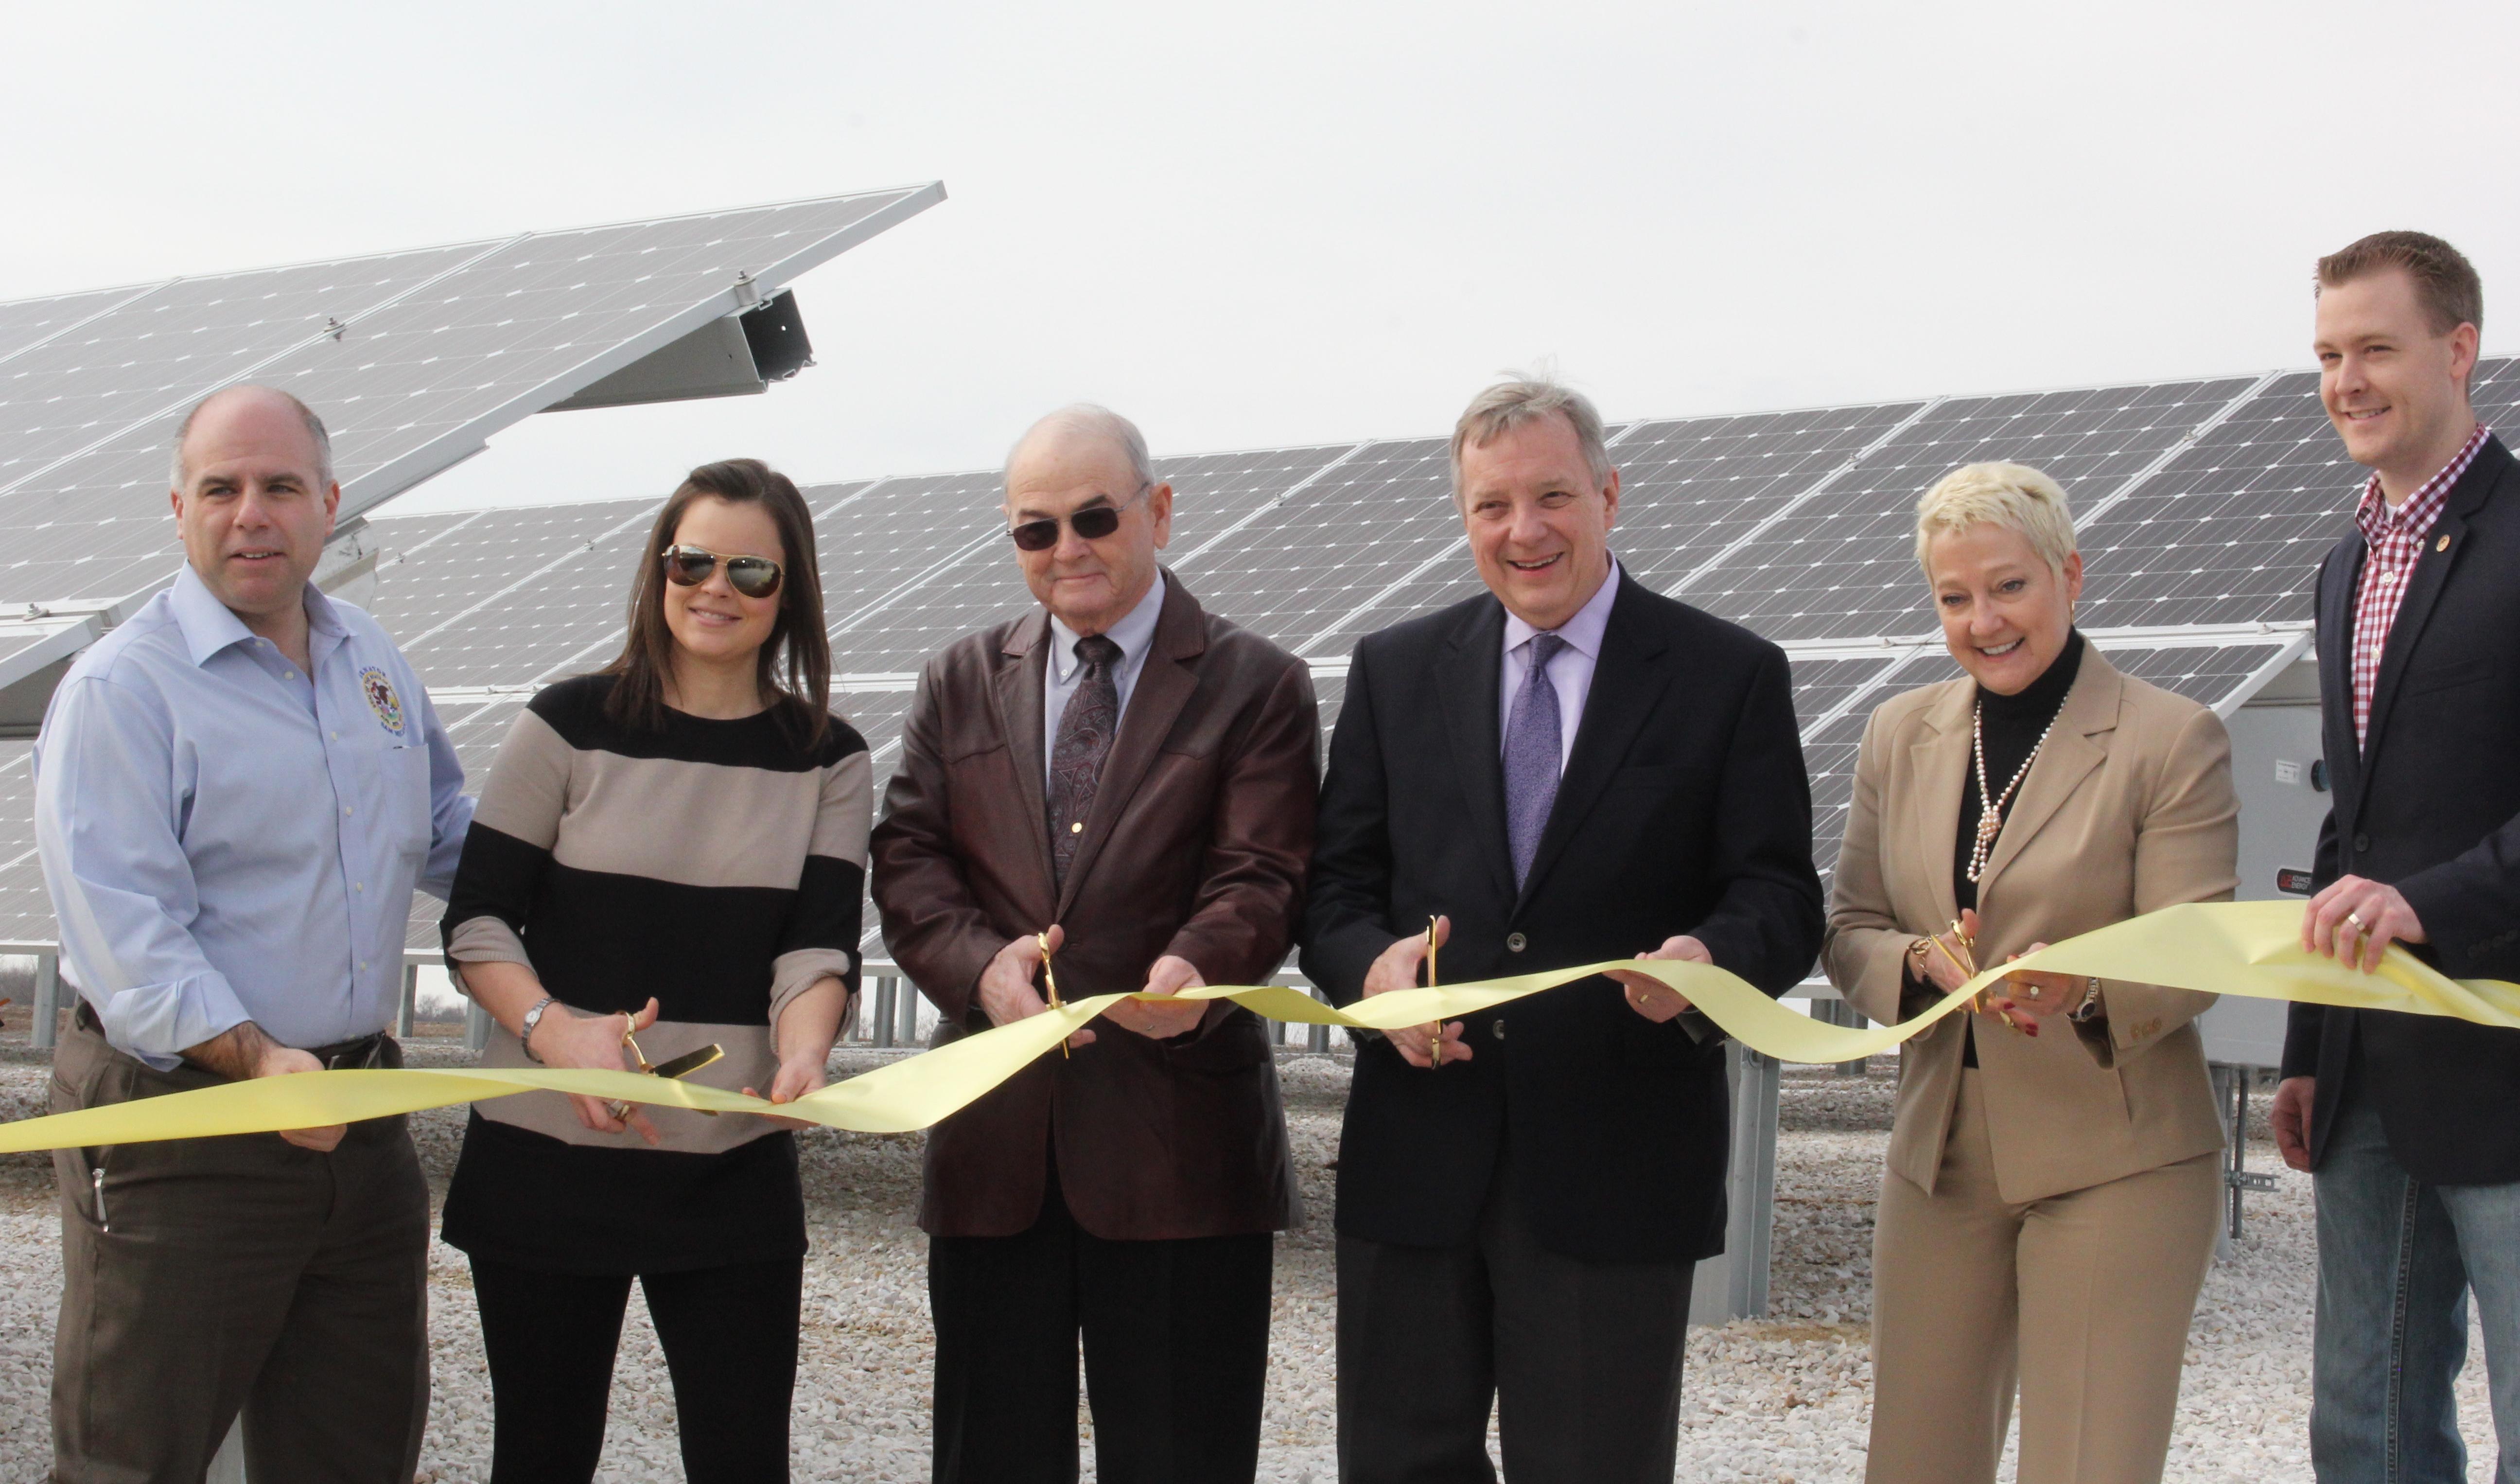 IREC solar ribbon cutting photo